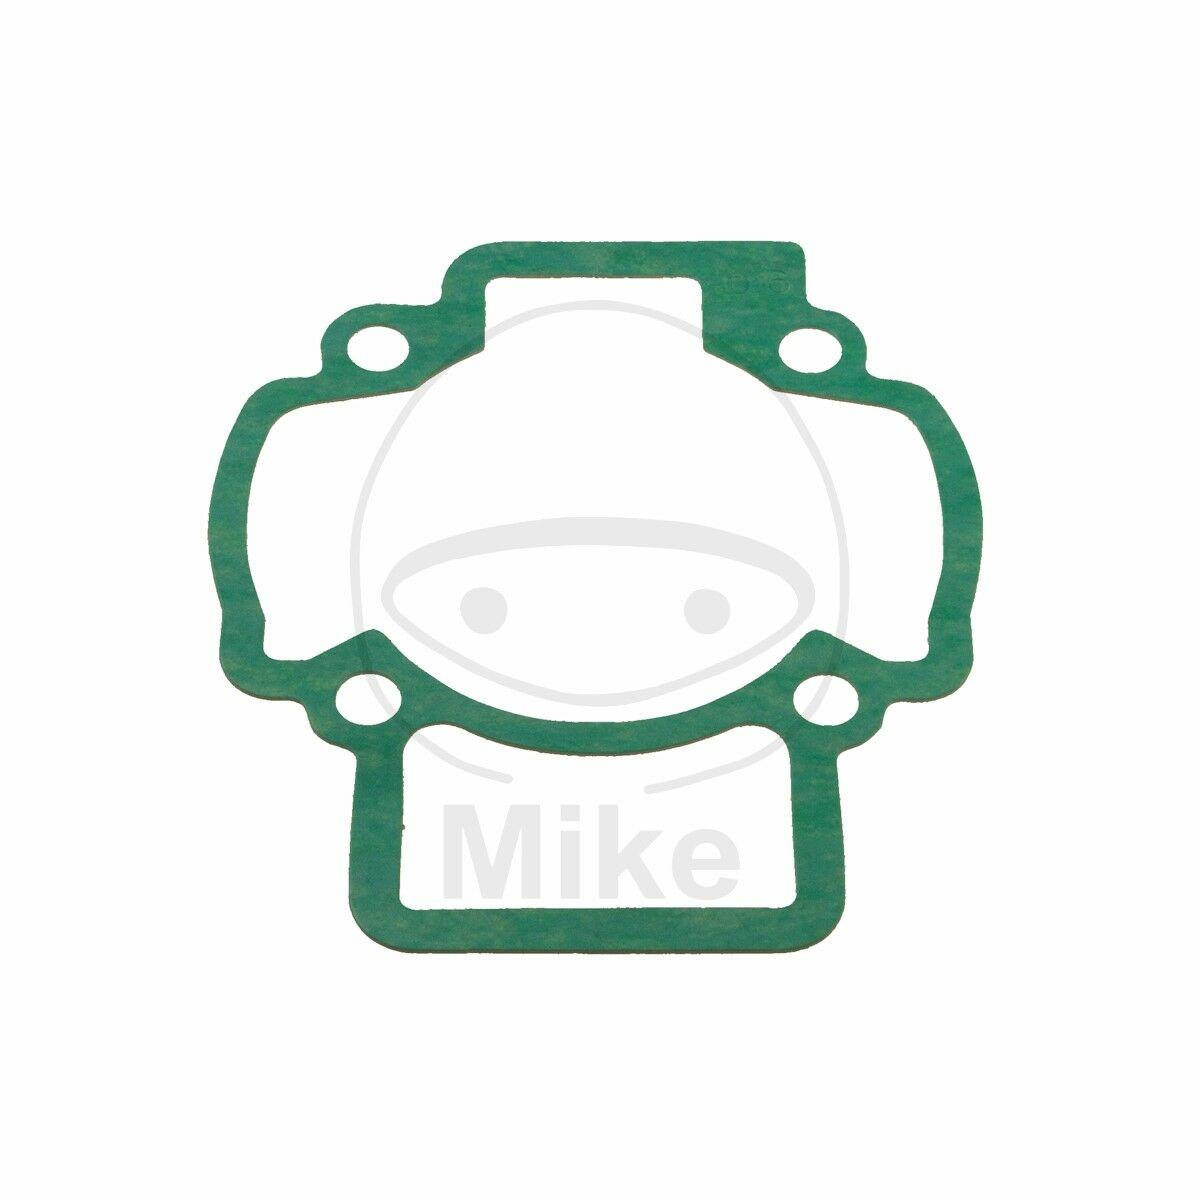 Obrázek produktu Těsnění pod válec ATHENA 0.6 mm